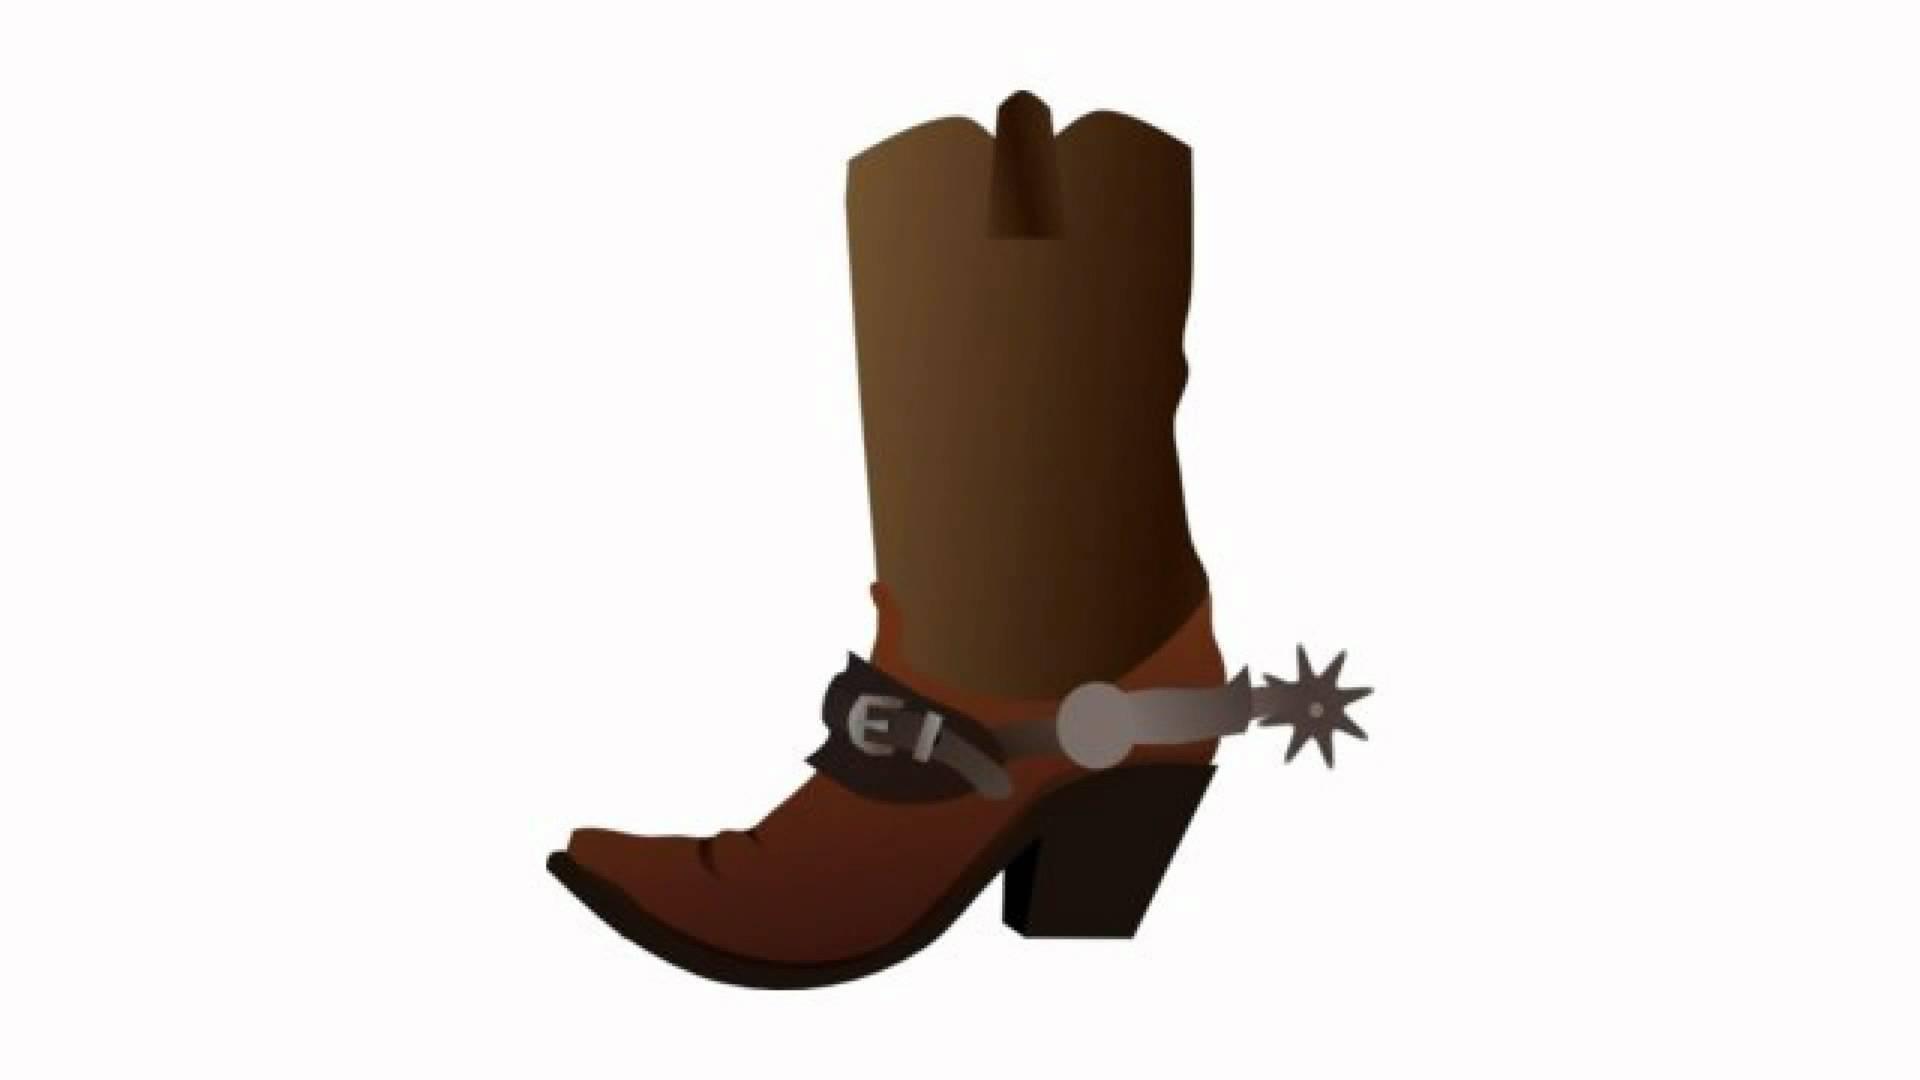 Cowboy Boot Cowboy Spurs Clipart-Cowboy boot cowboy spurs clipart-7